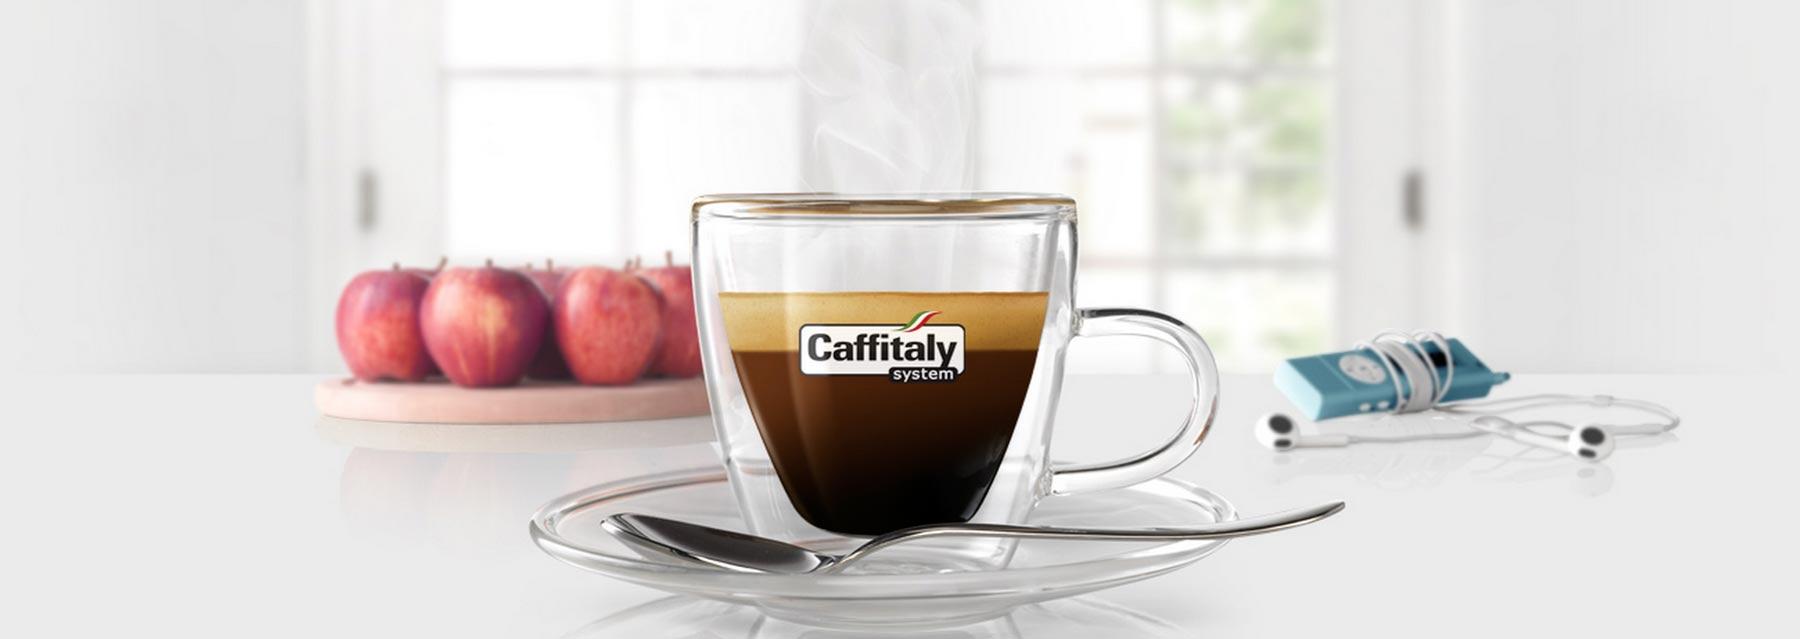 Immagine caffè realizzato con sistema caffitaly